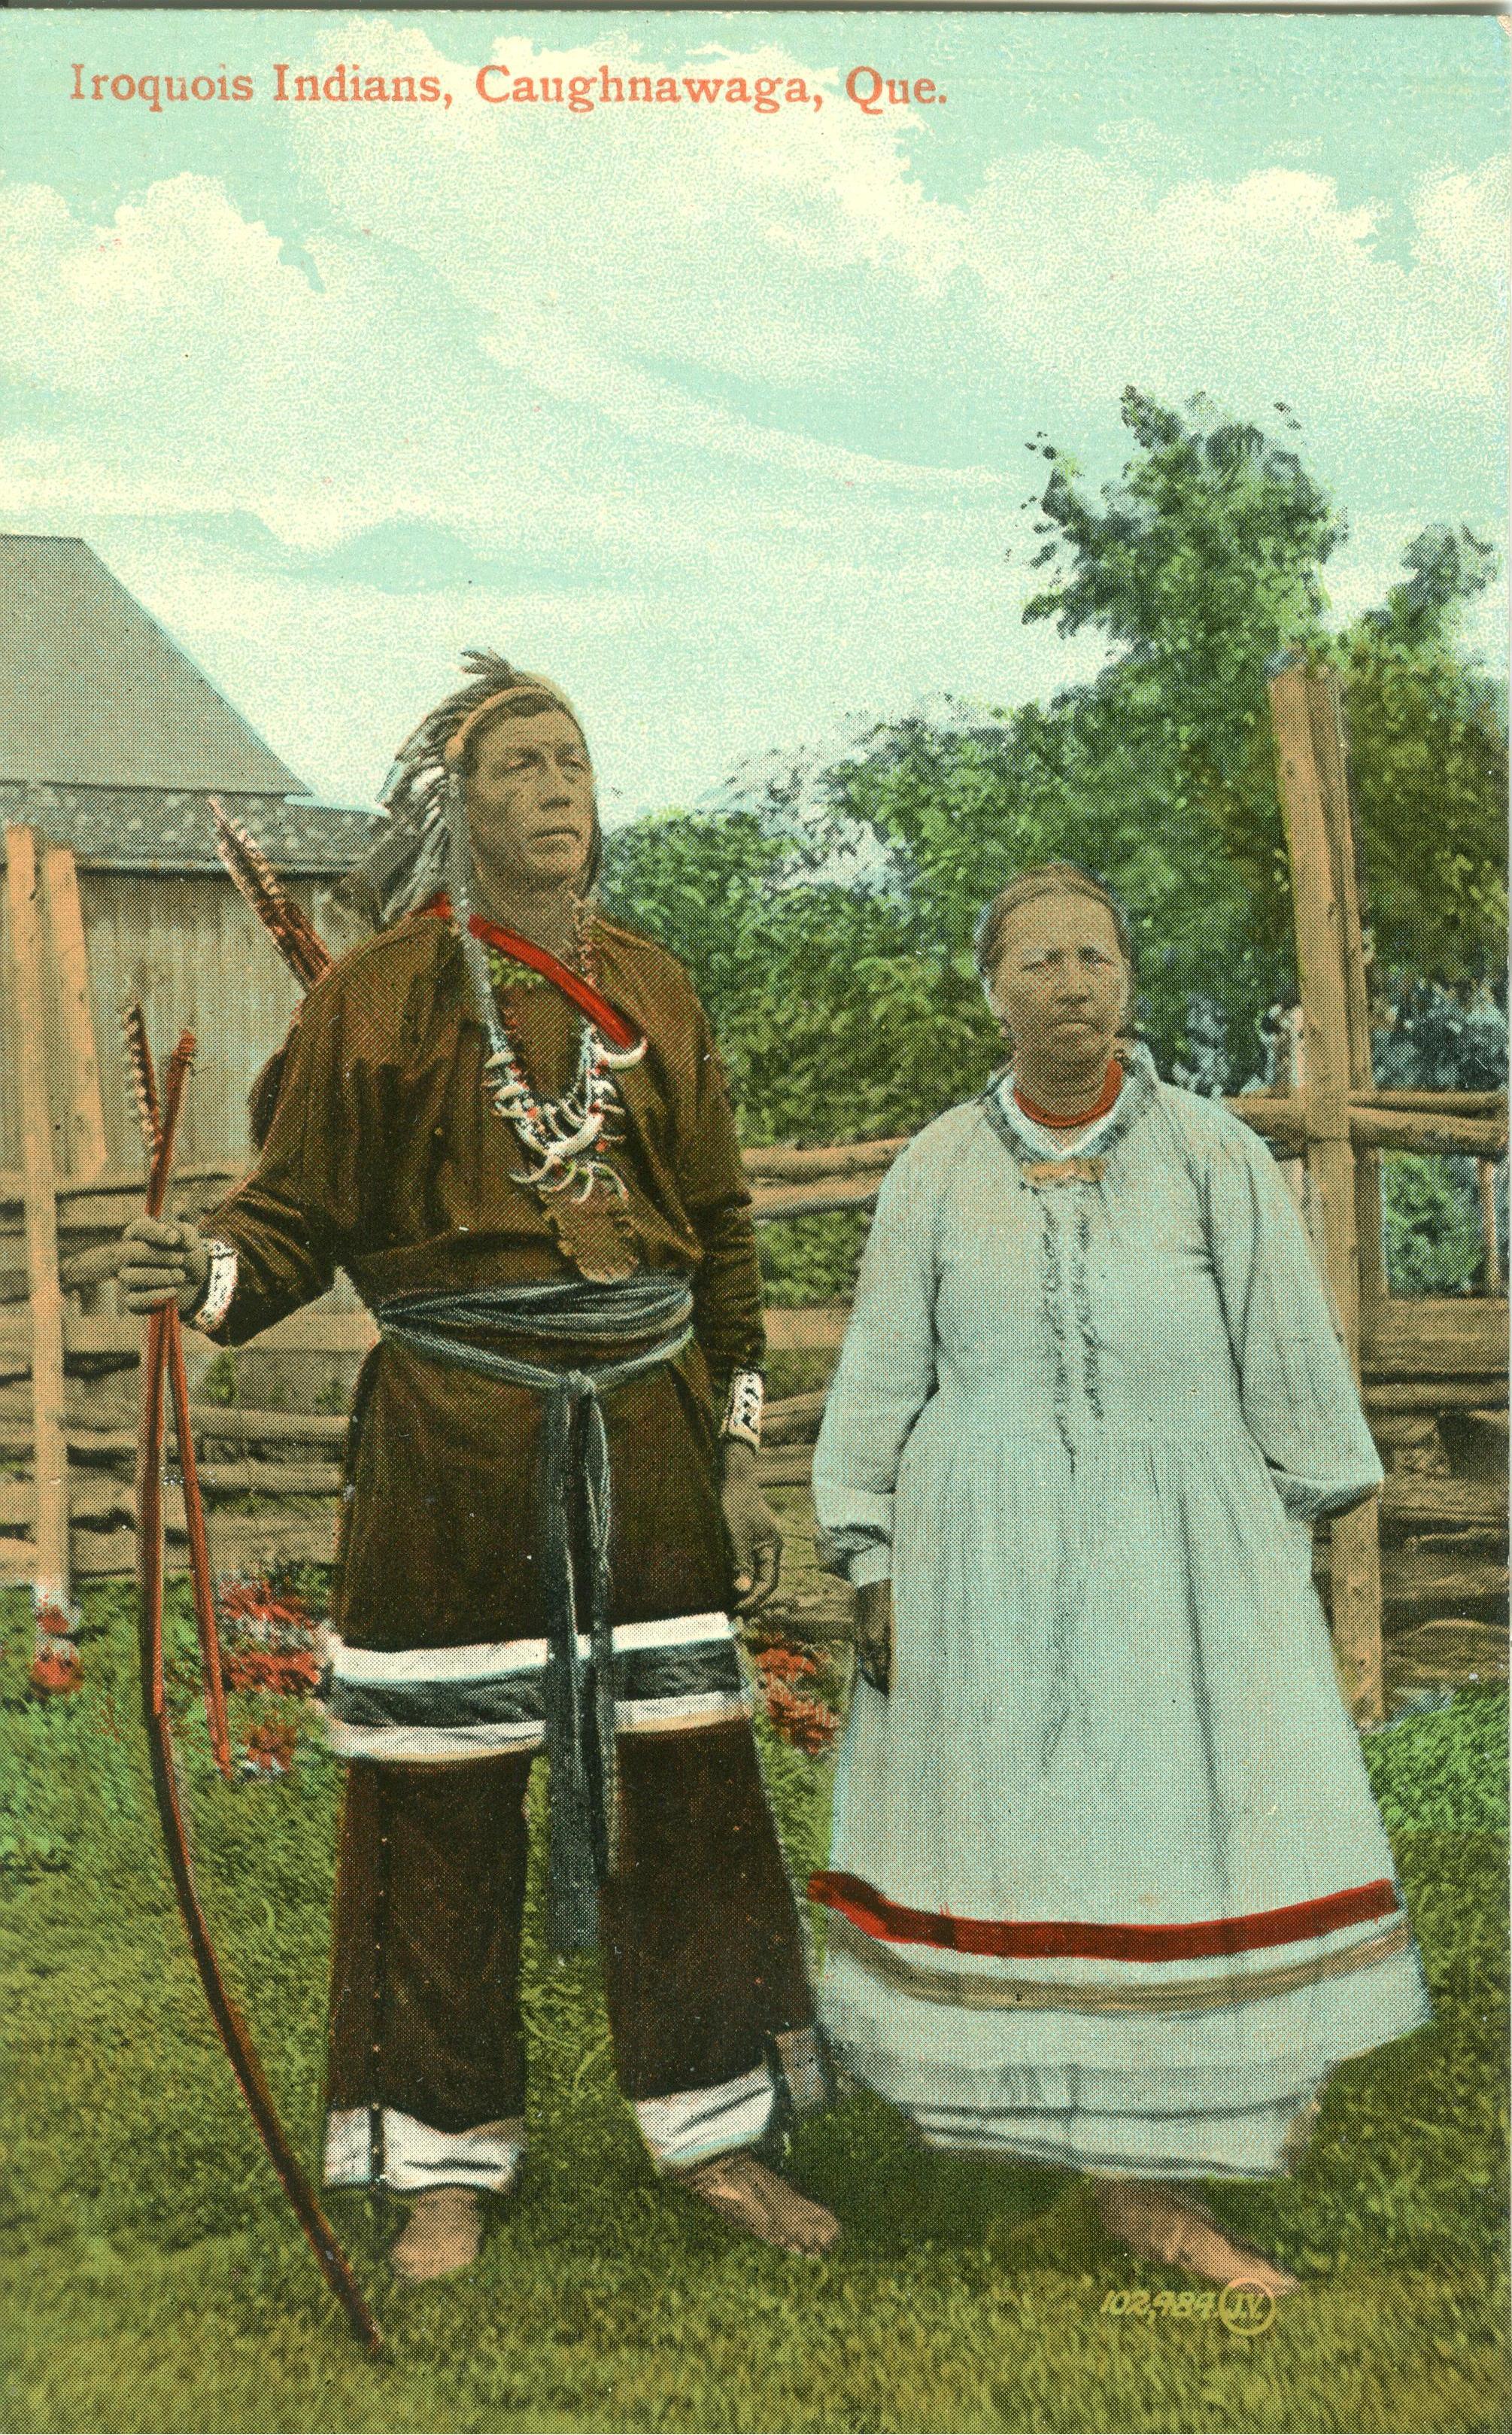 Iroquois Couple